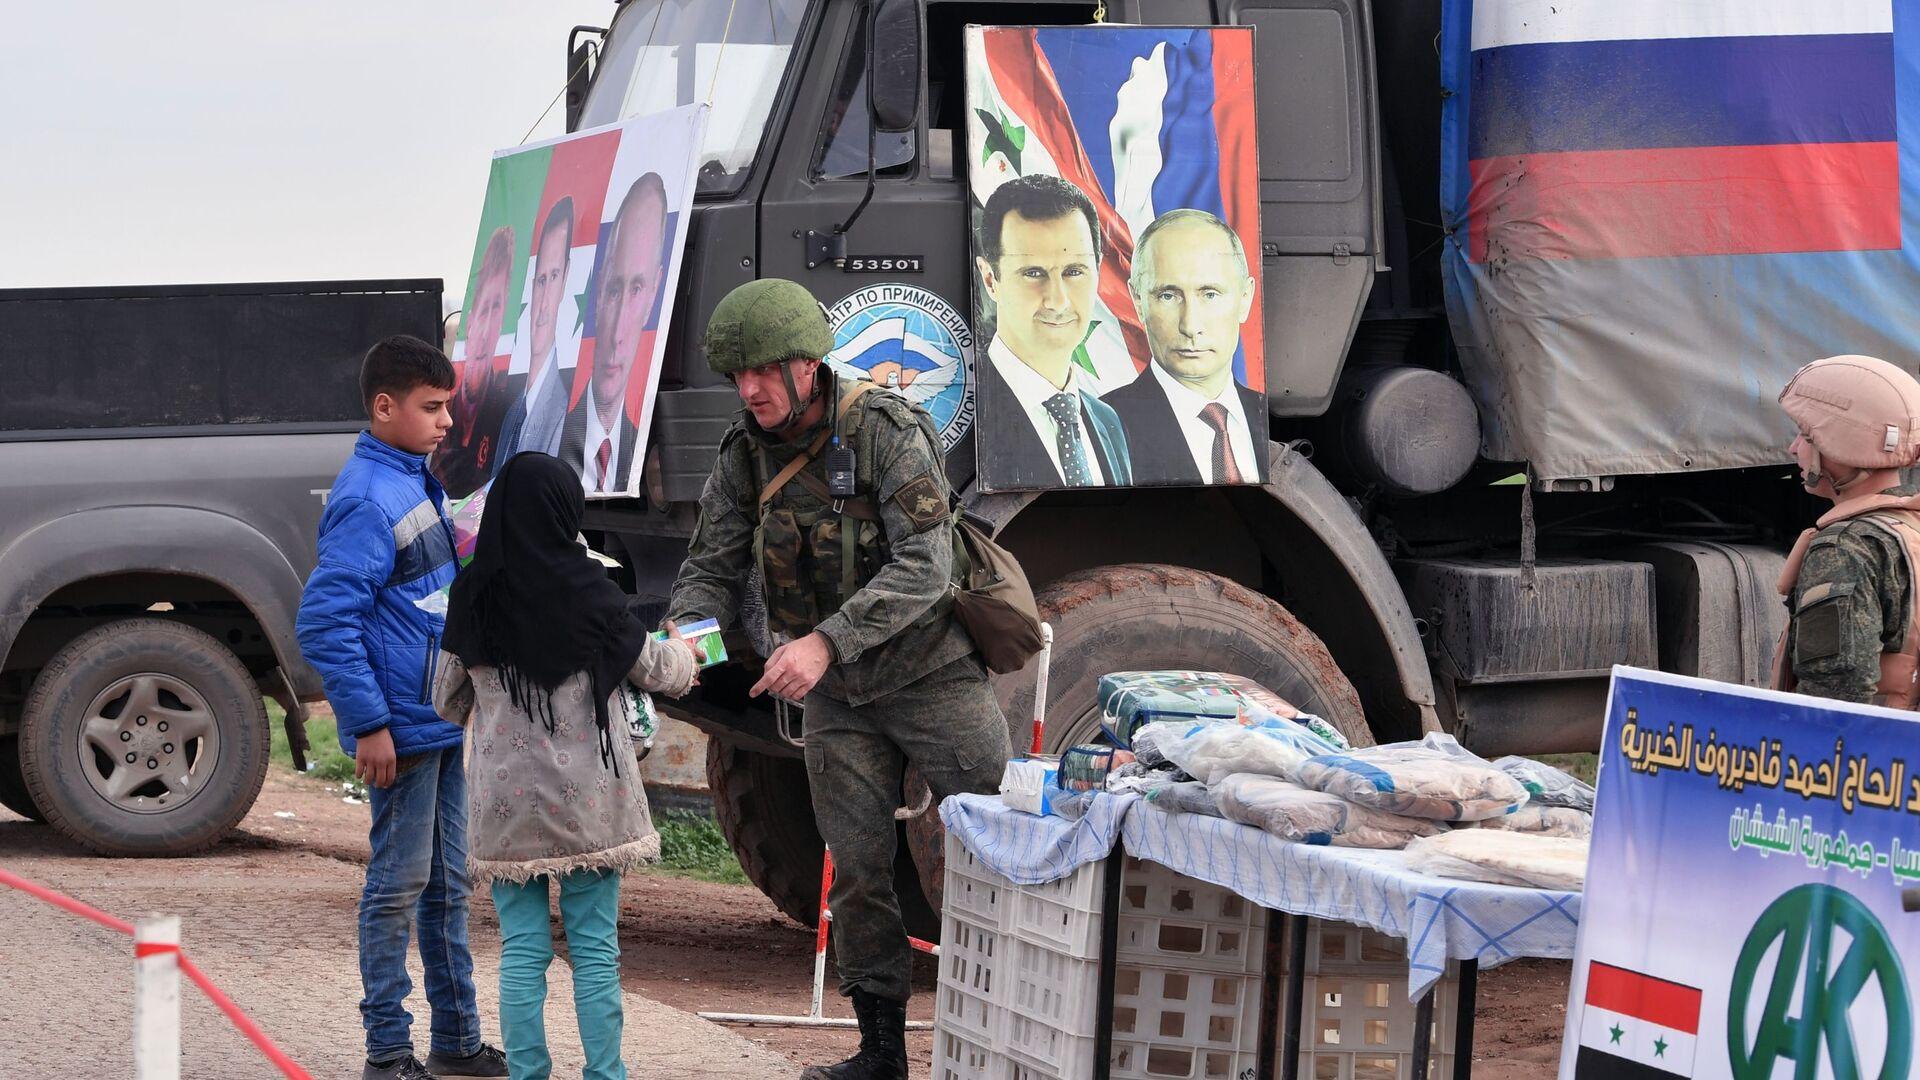 Portrety Władimira Putina i Baszara Asada na samochodzie Rosyjskiego Centrum Pojednania Stron Konfliktu w Syrii - Sputnik Polska, 1920, 14.09.2021